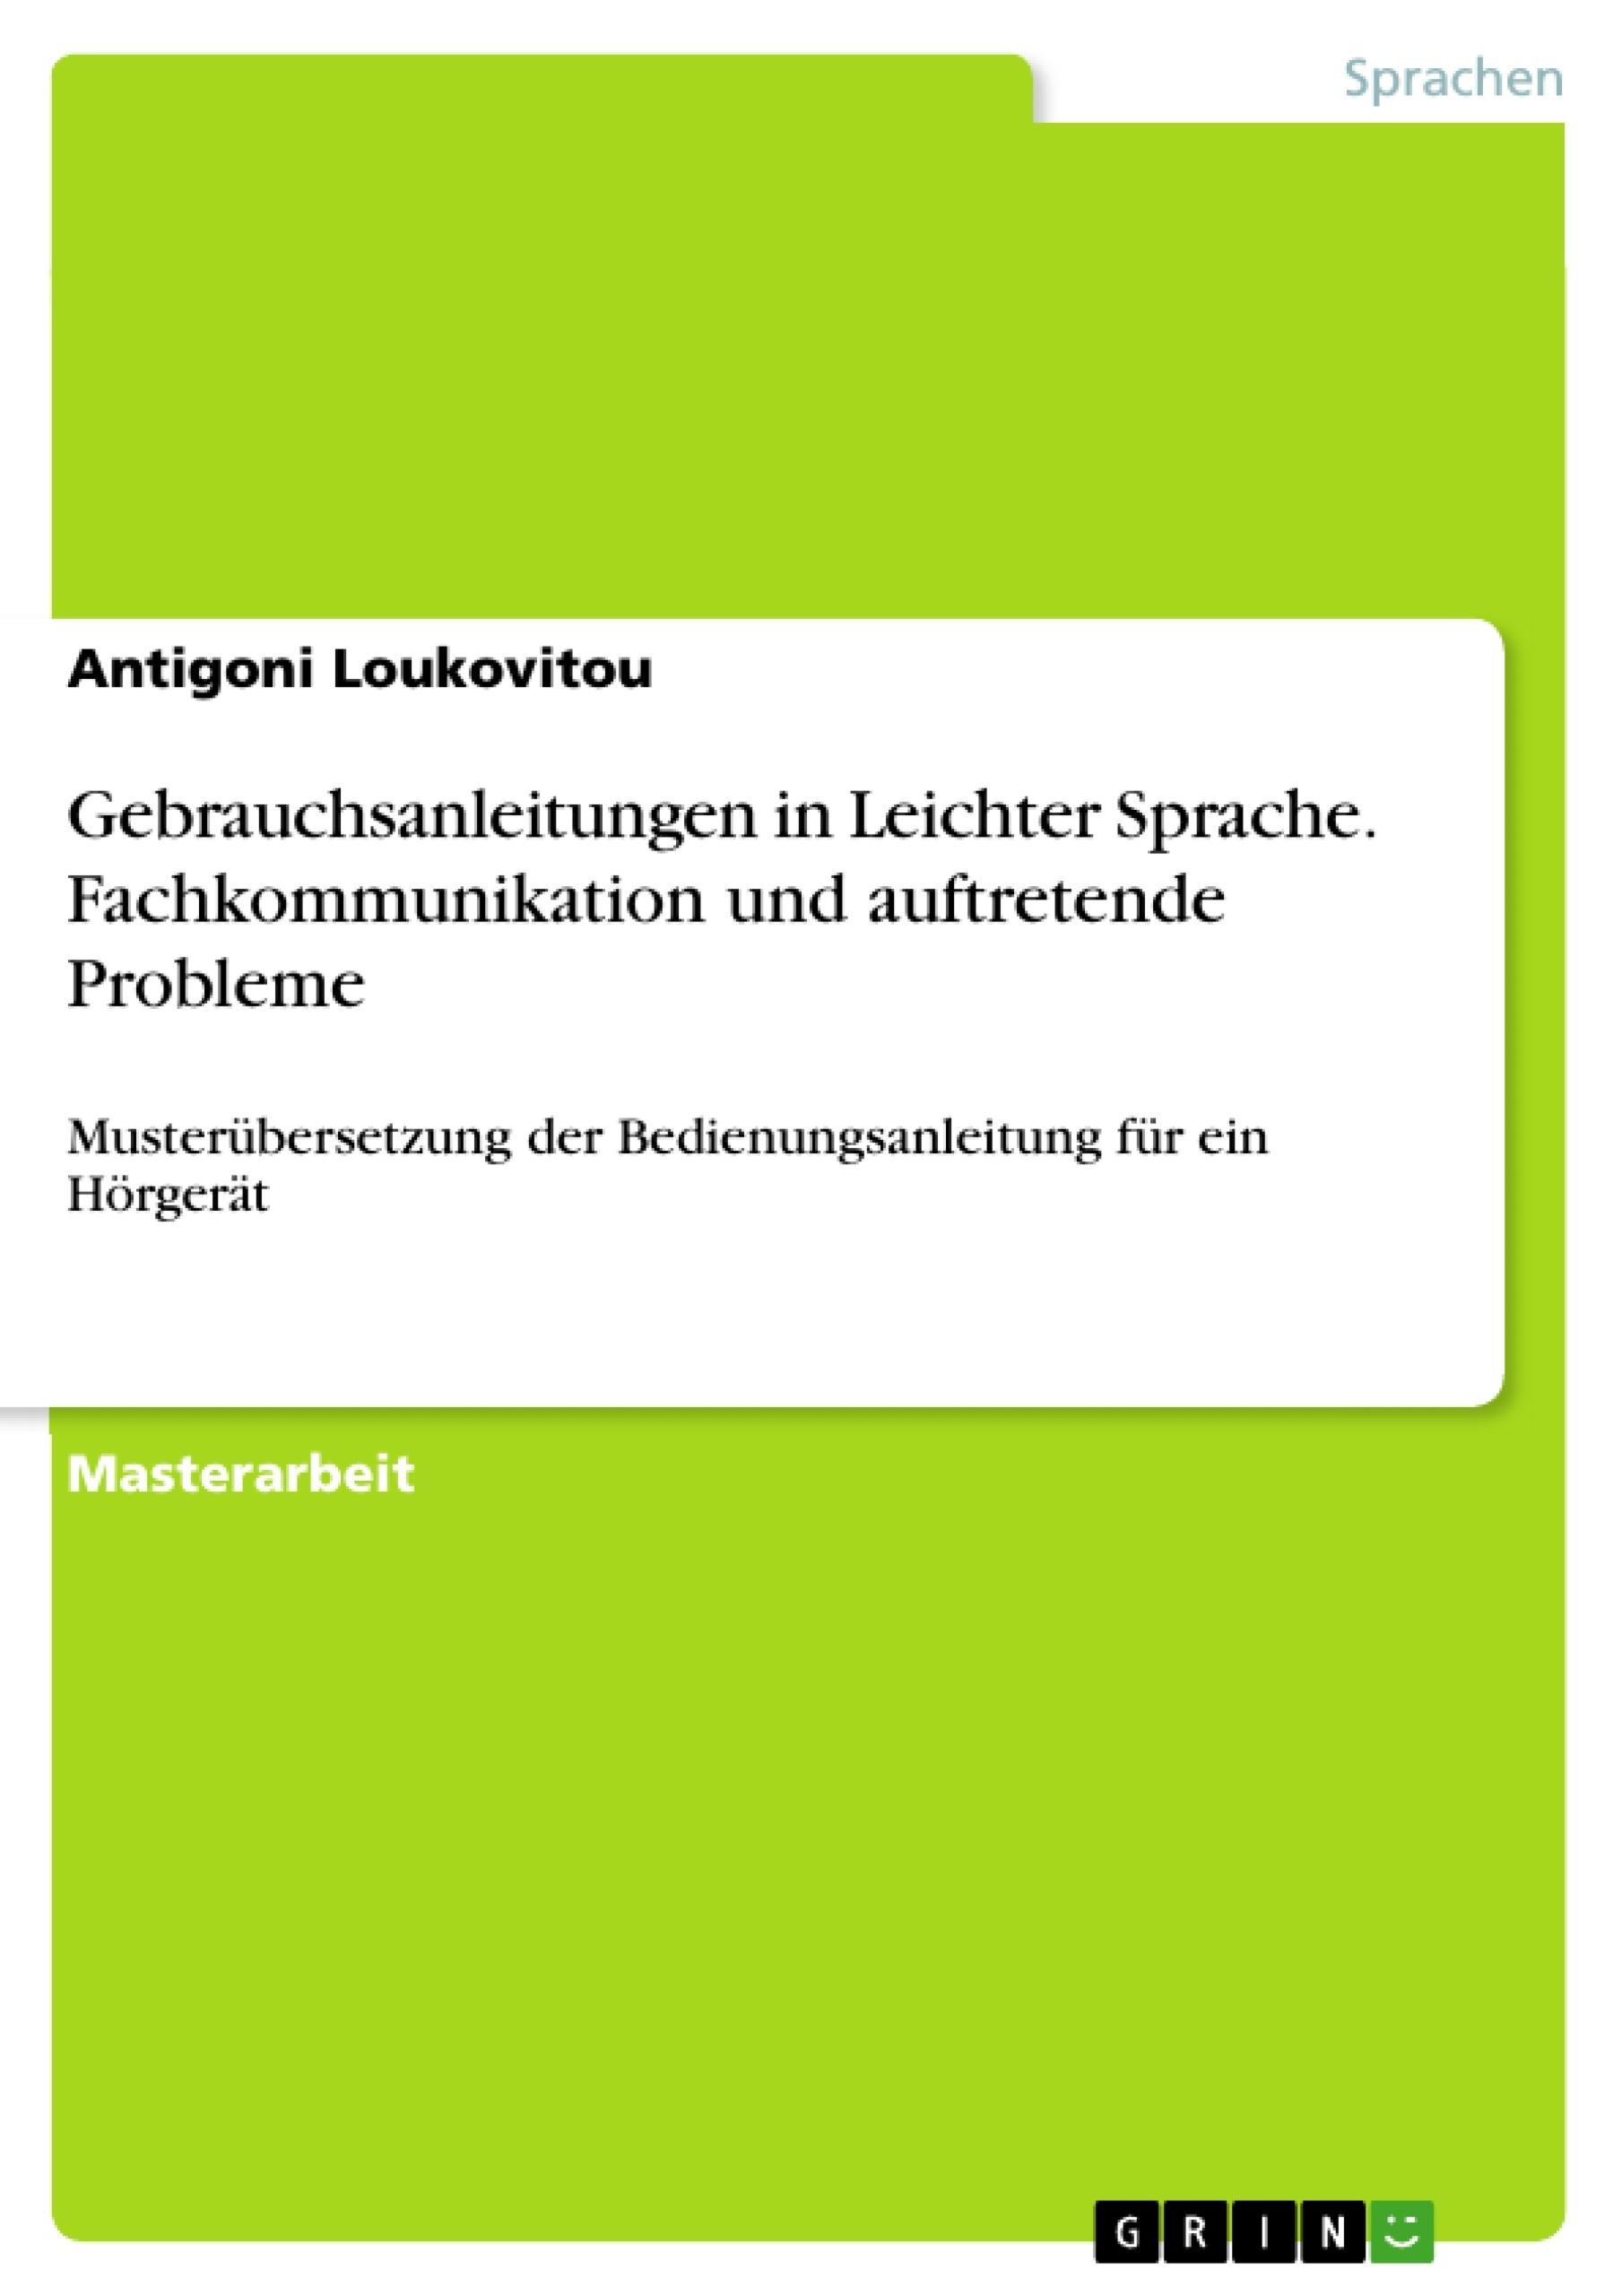 Titel: Gebrauchsanleitungen in Leichter Sprache. Fachkommunikation und auftretende Probleme